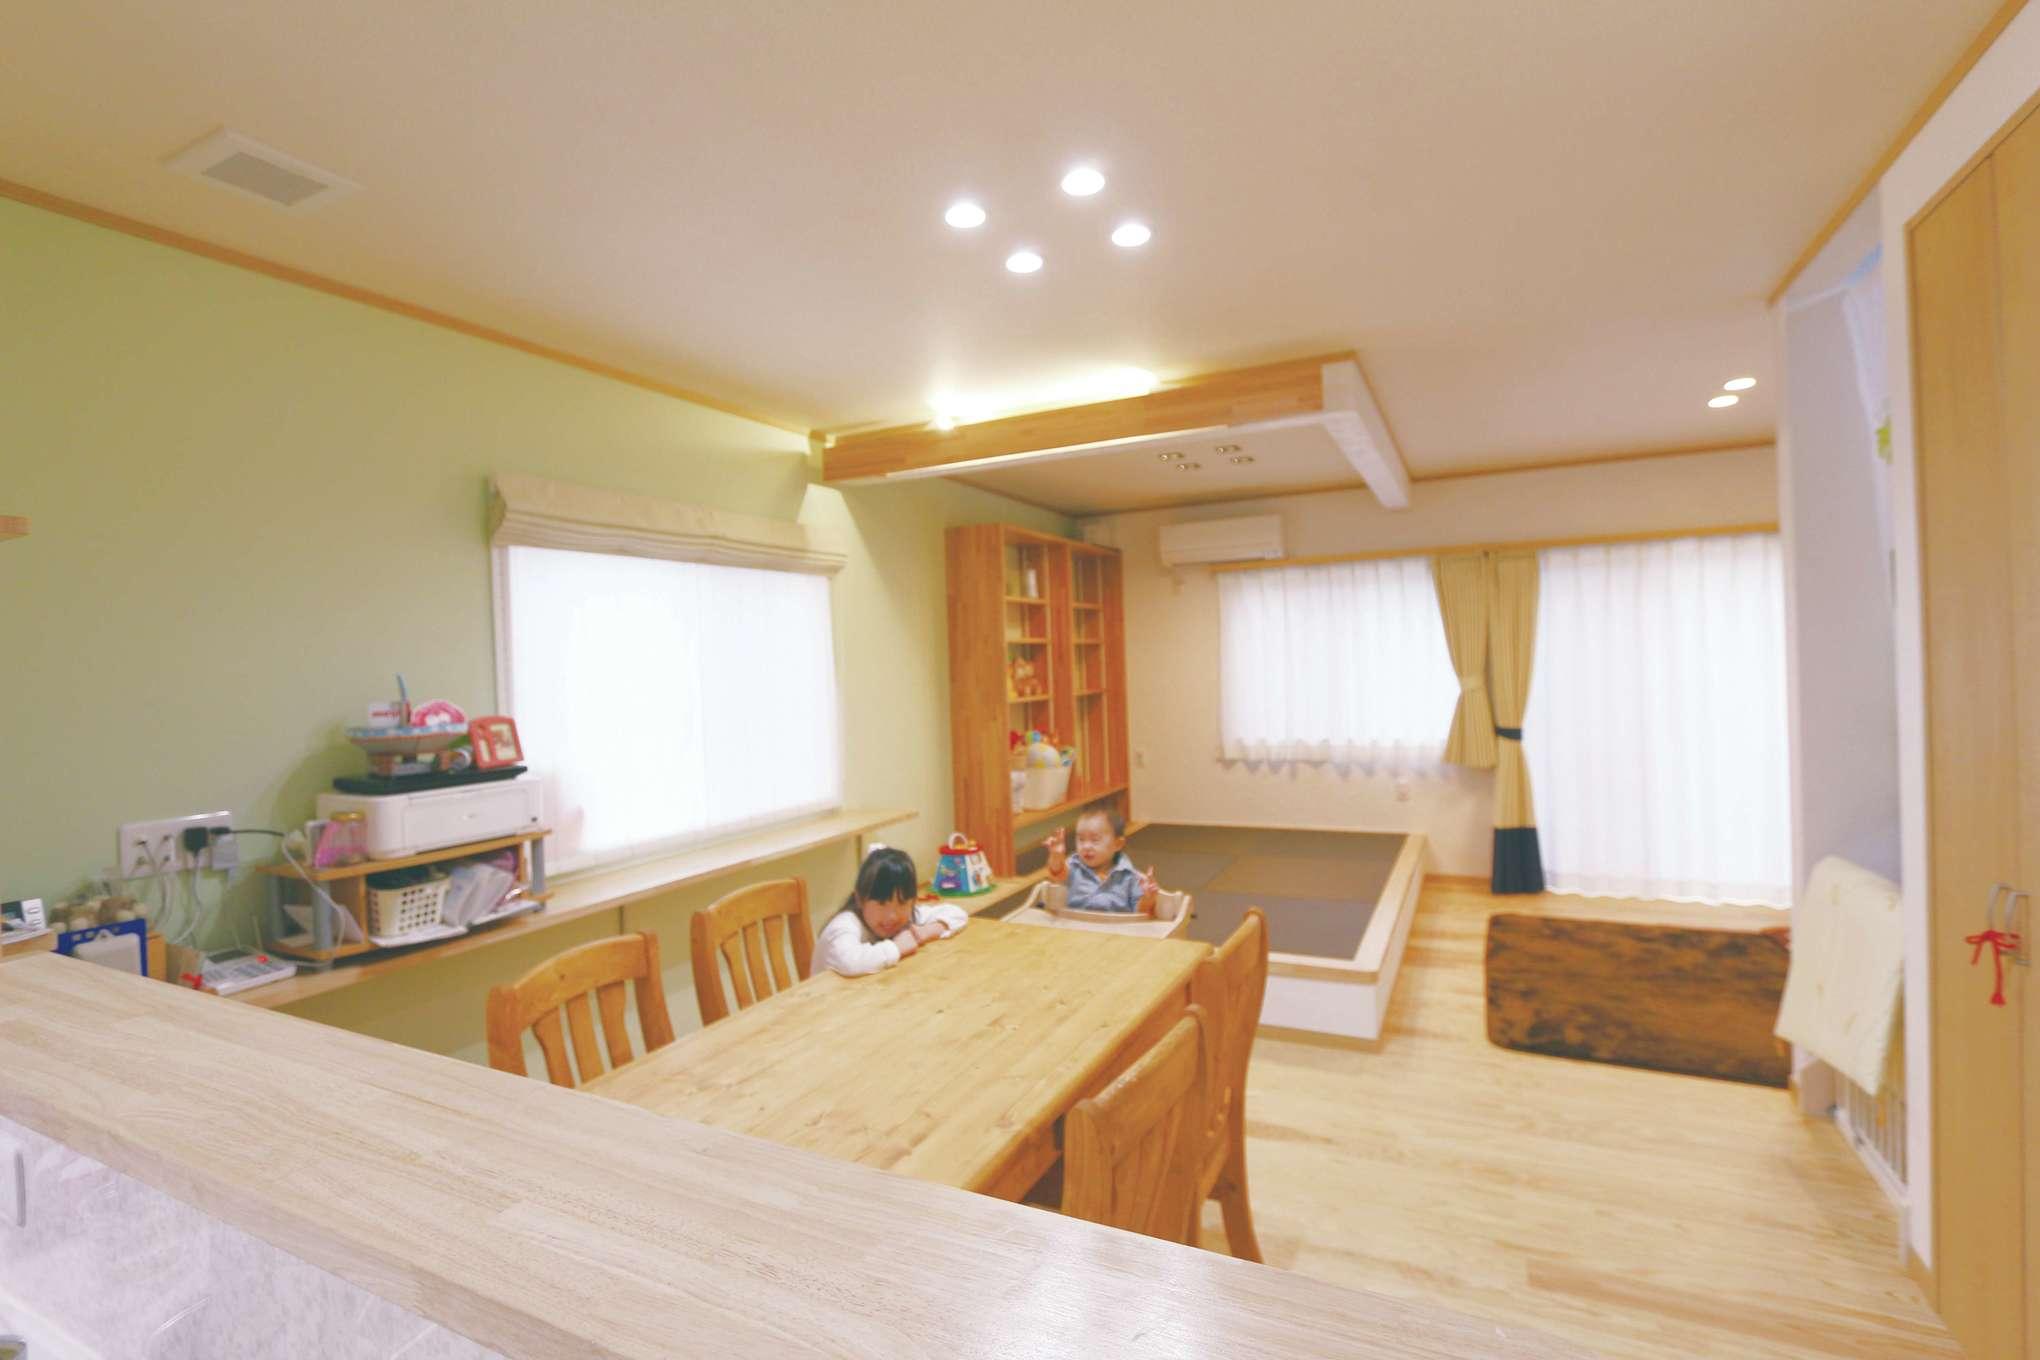 じゆうの家(藤田建設)【1000万円台、子育て、自然素材】キッチンから、リビング・ダイニング、小上がりを一望でき、家族の気配を感じながら家事ができる